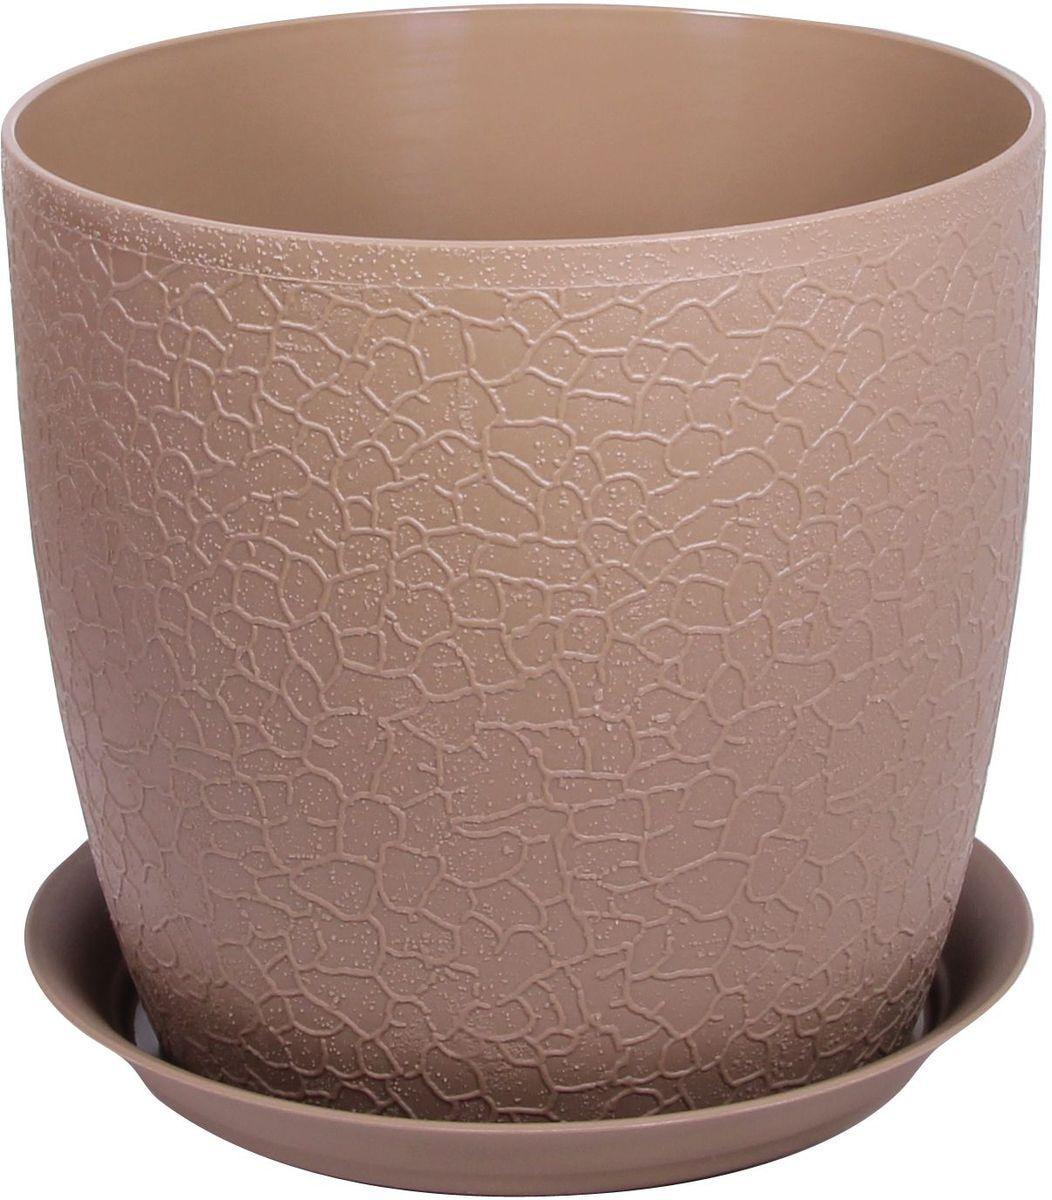 Кашпо Idea Верона, с подставкой, цвет: бежевый, диаметр 18 смМ 3097Кашпо Idea Верона изготовлено из полипропилена (пластика). Специальная подставка предназначена для стока воды. Изделие прекрасно подходит для выращивания растений и цветов в домашних условиях.Диаметр кашпо: 18 см.Высота кашпо: 16,1 см.